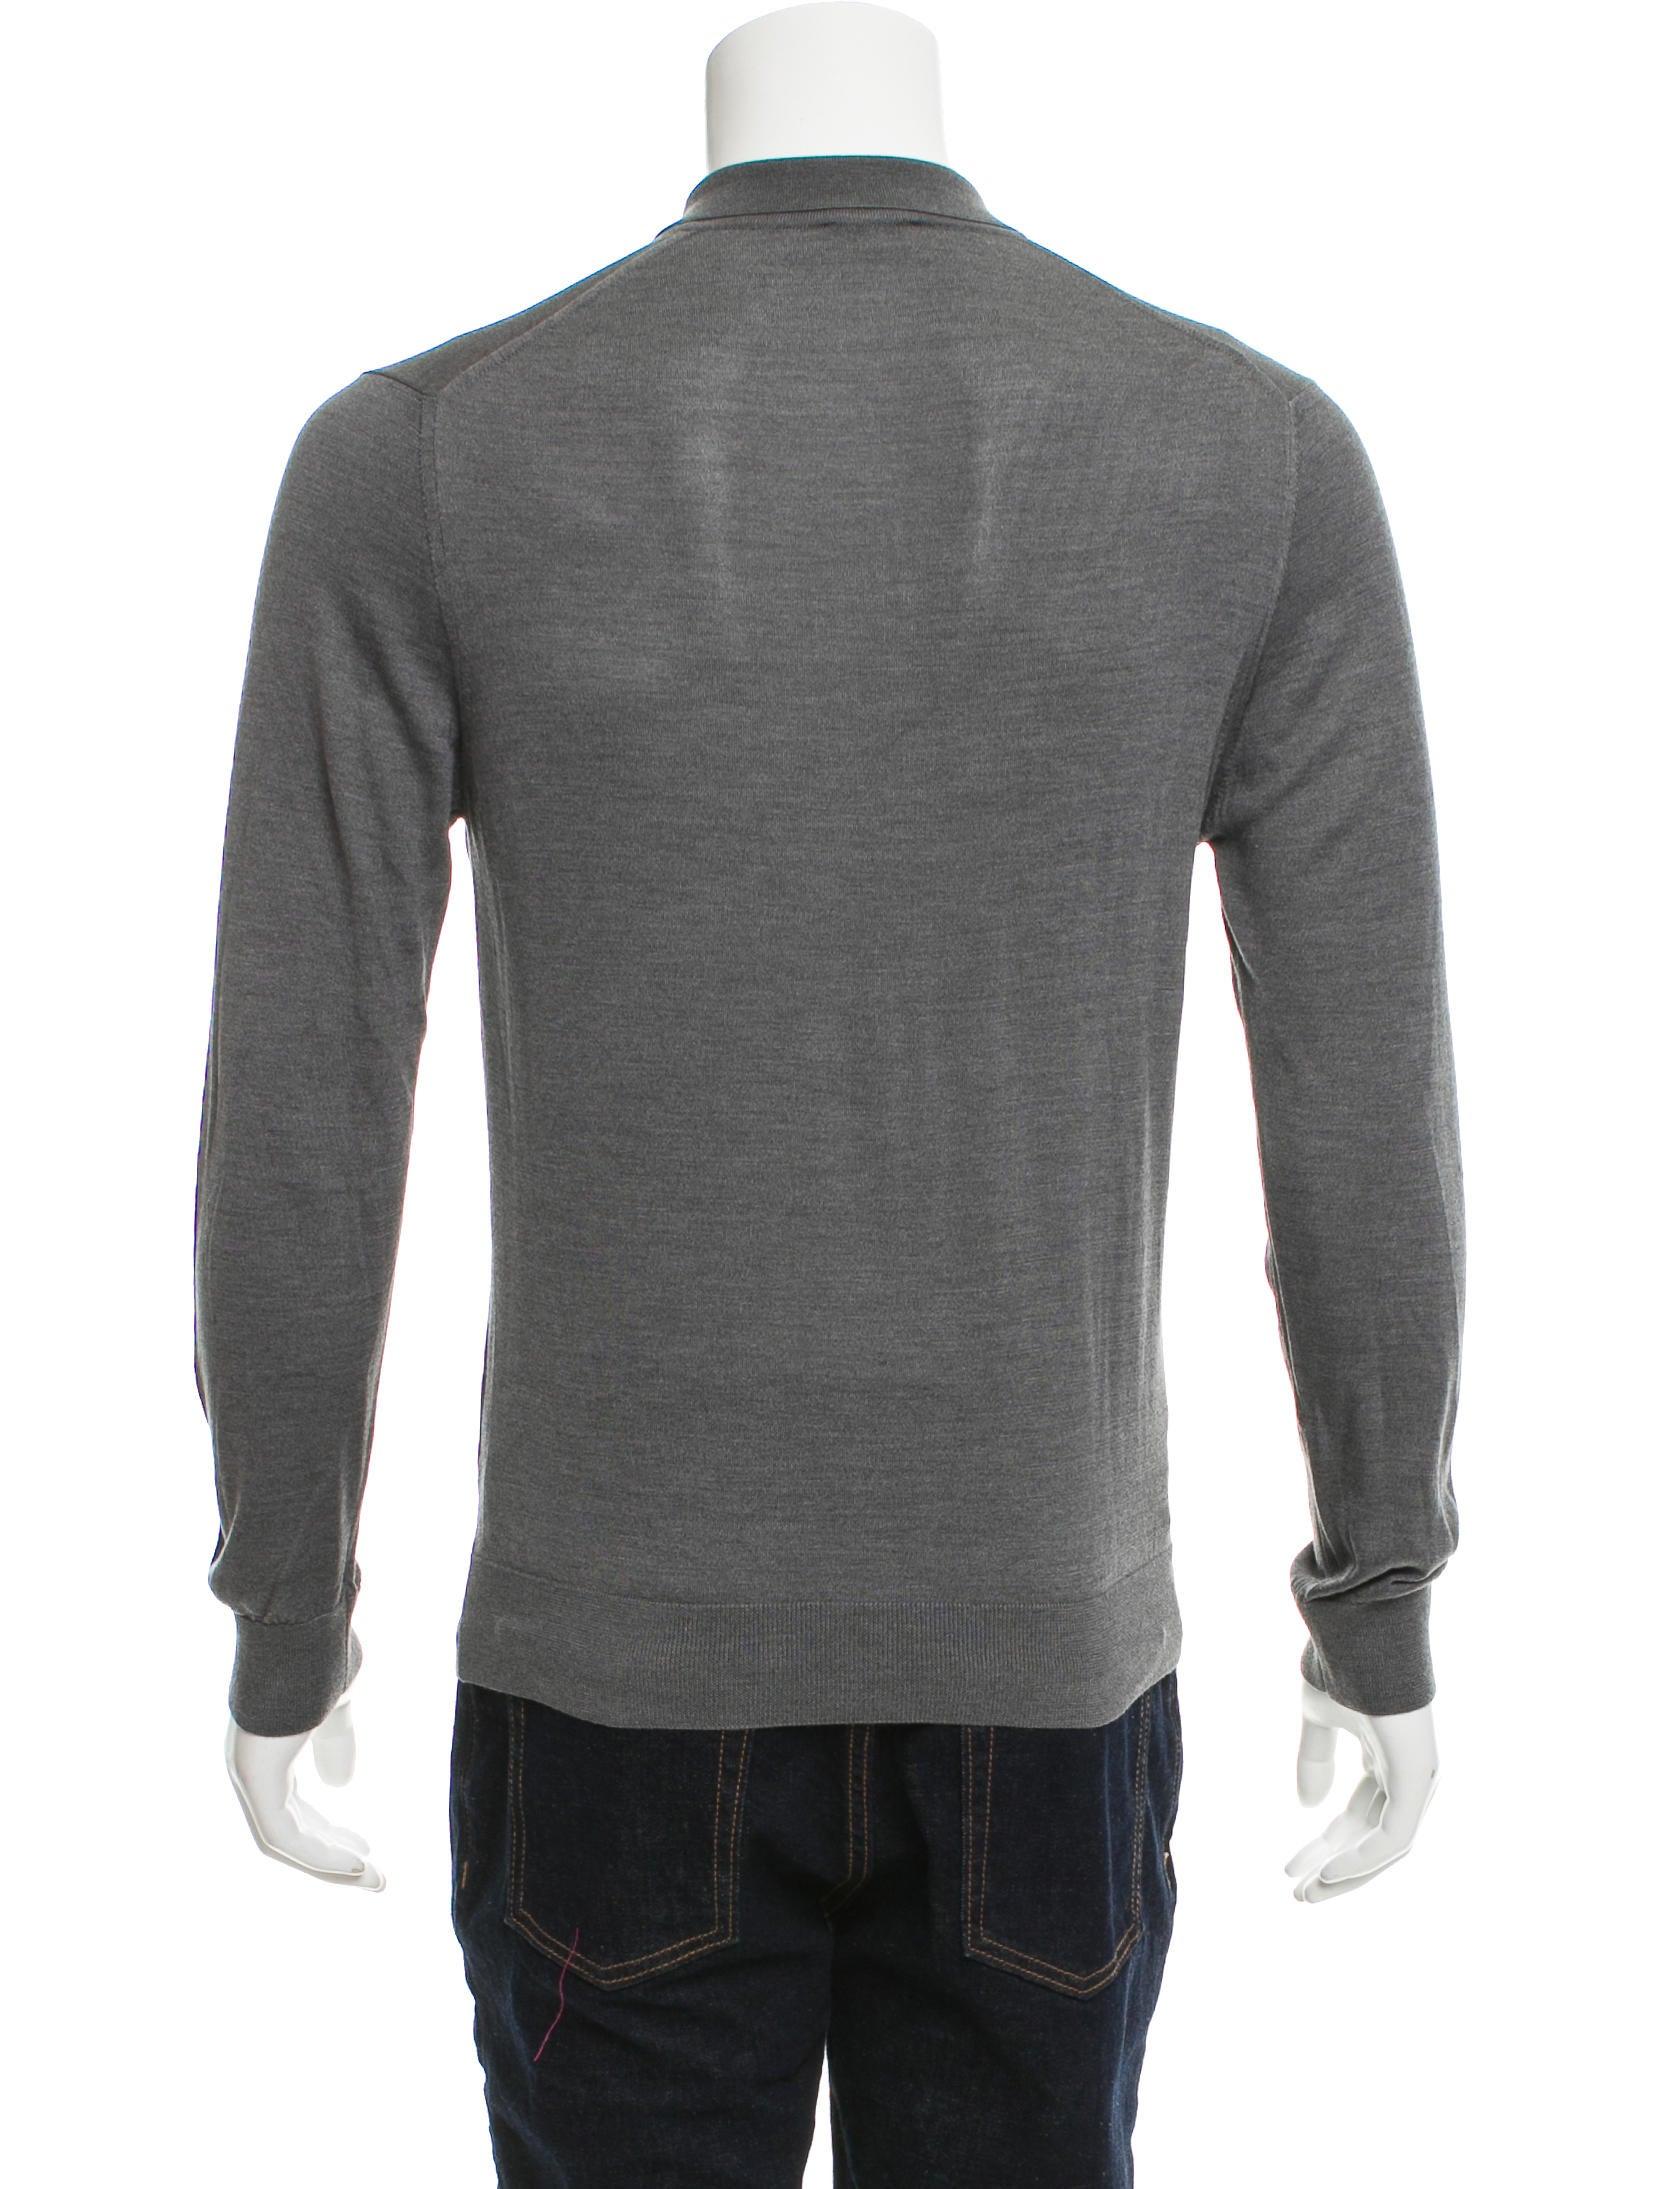 Lanvin Silk Polo Shirt Clothing Lan67616 The Realreal